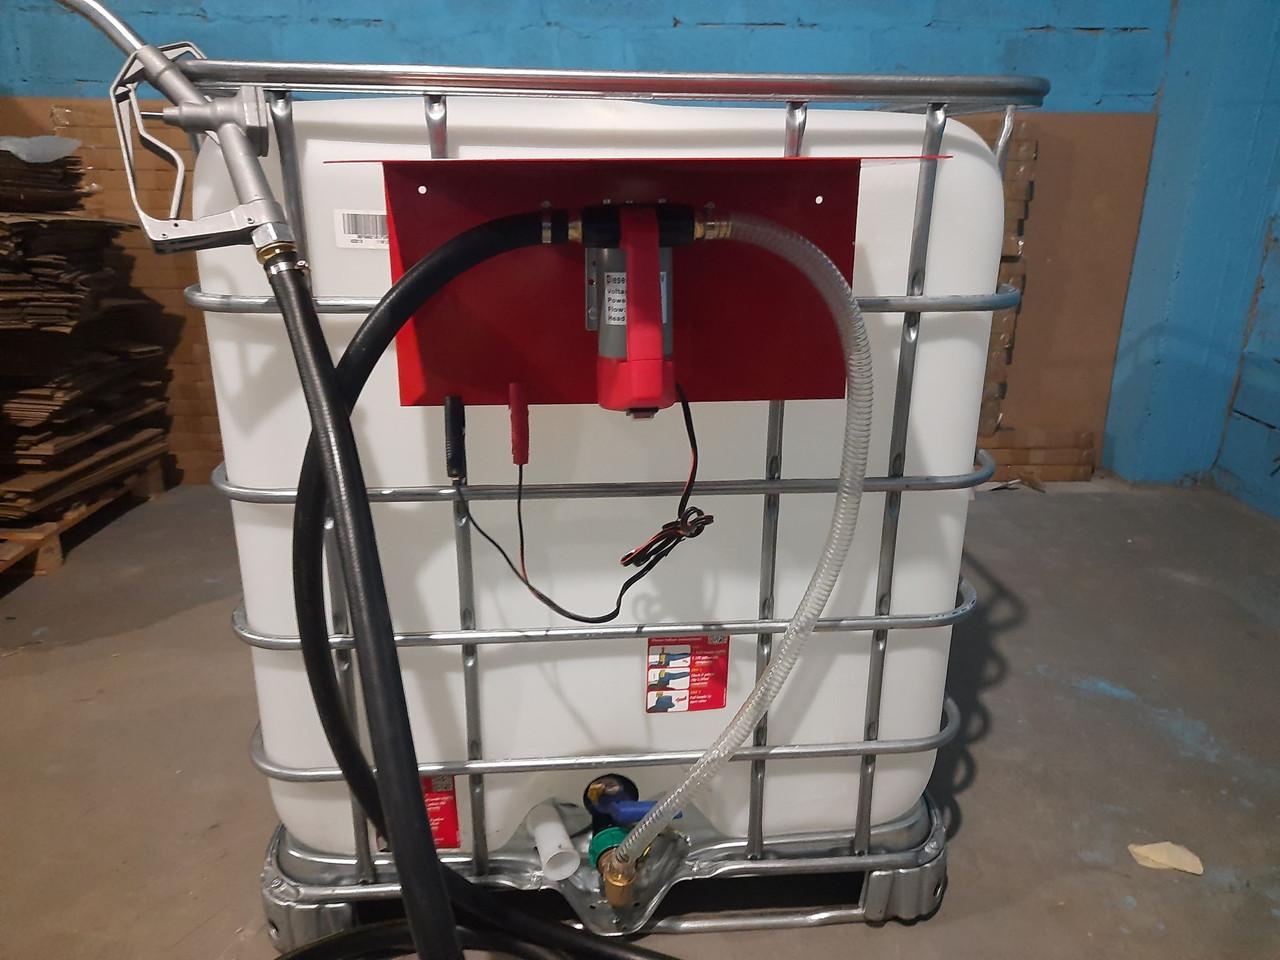 Комплект для перекачування палива на базі еврокуба (RE SL012-1-24V)